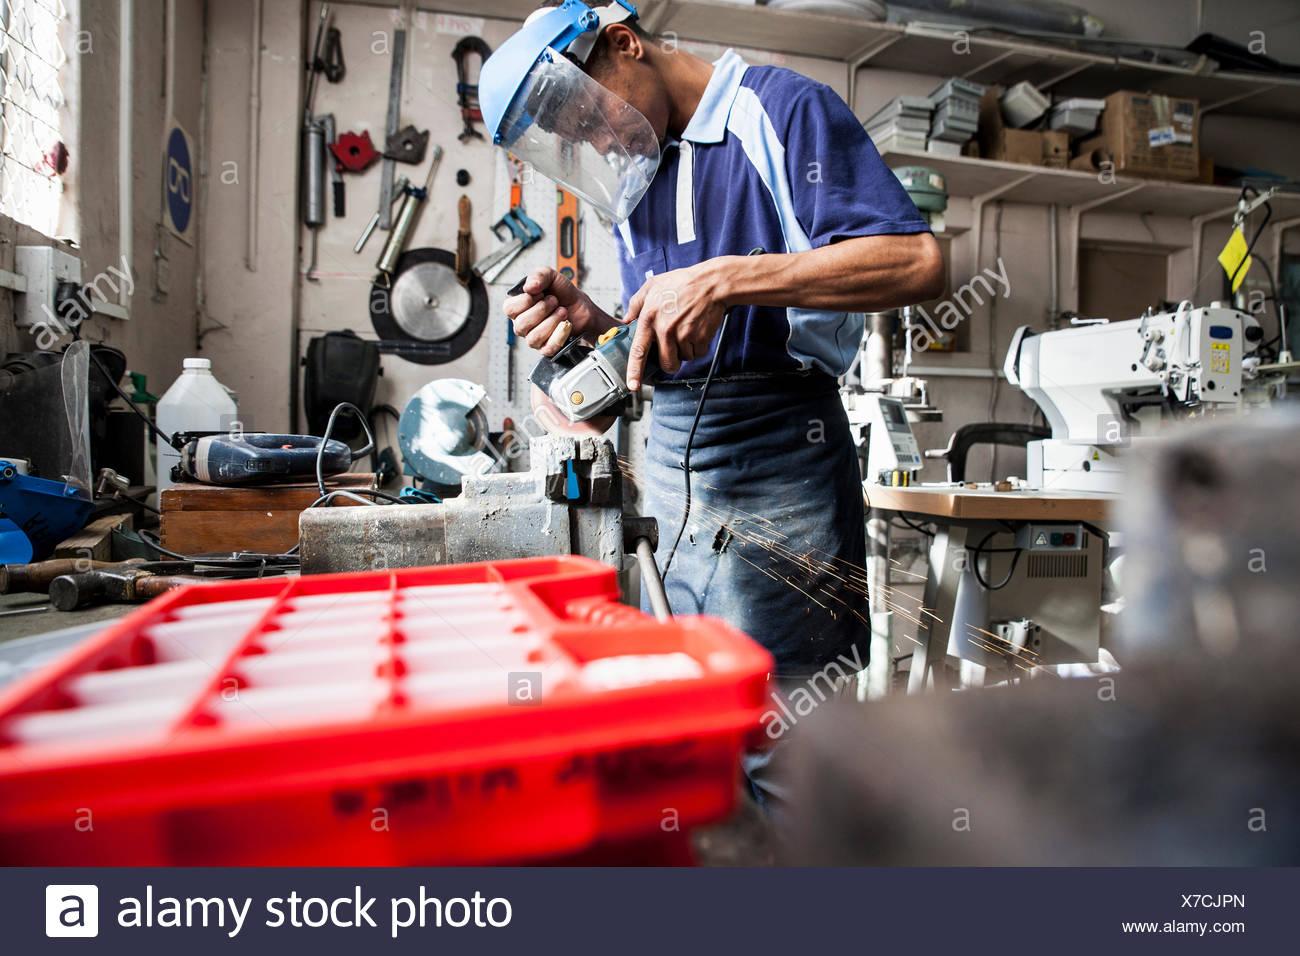 Junger Mann mit Winkelschleifer an Vize-in Reparatur-Werkstatt Stockfoto